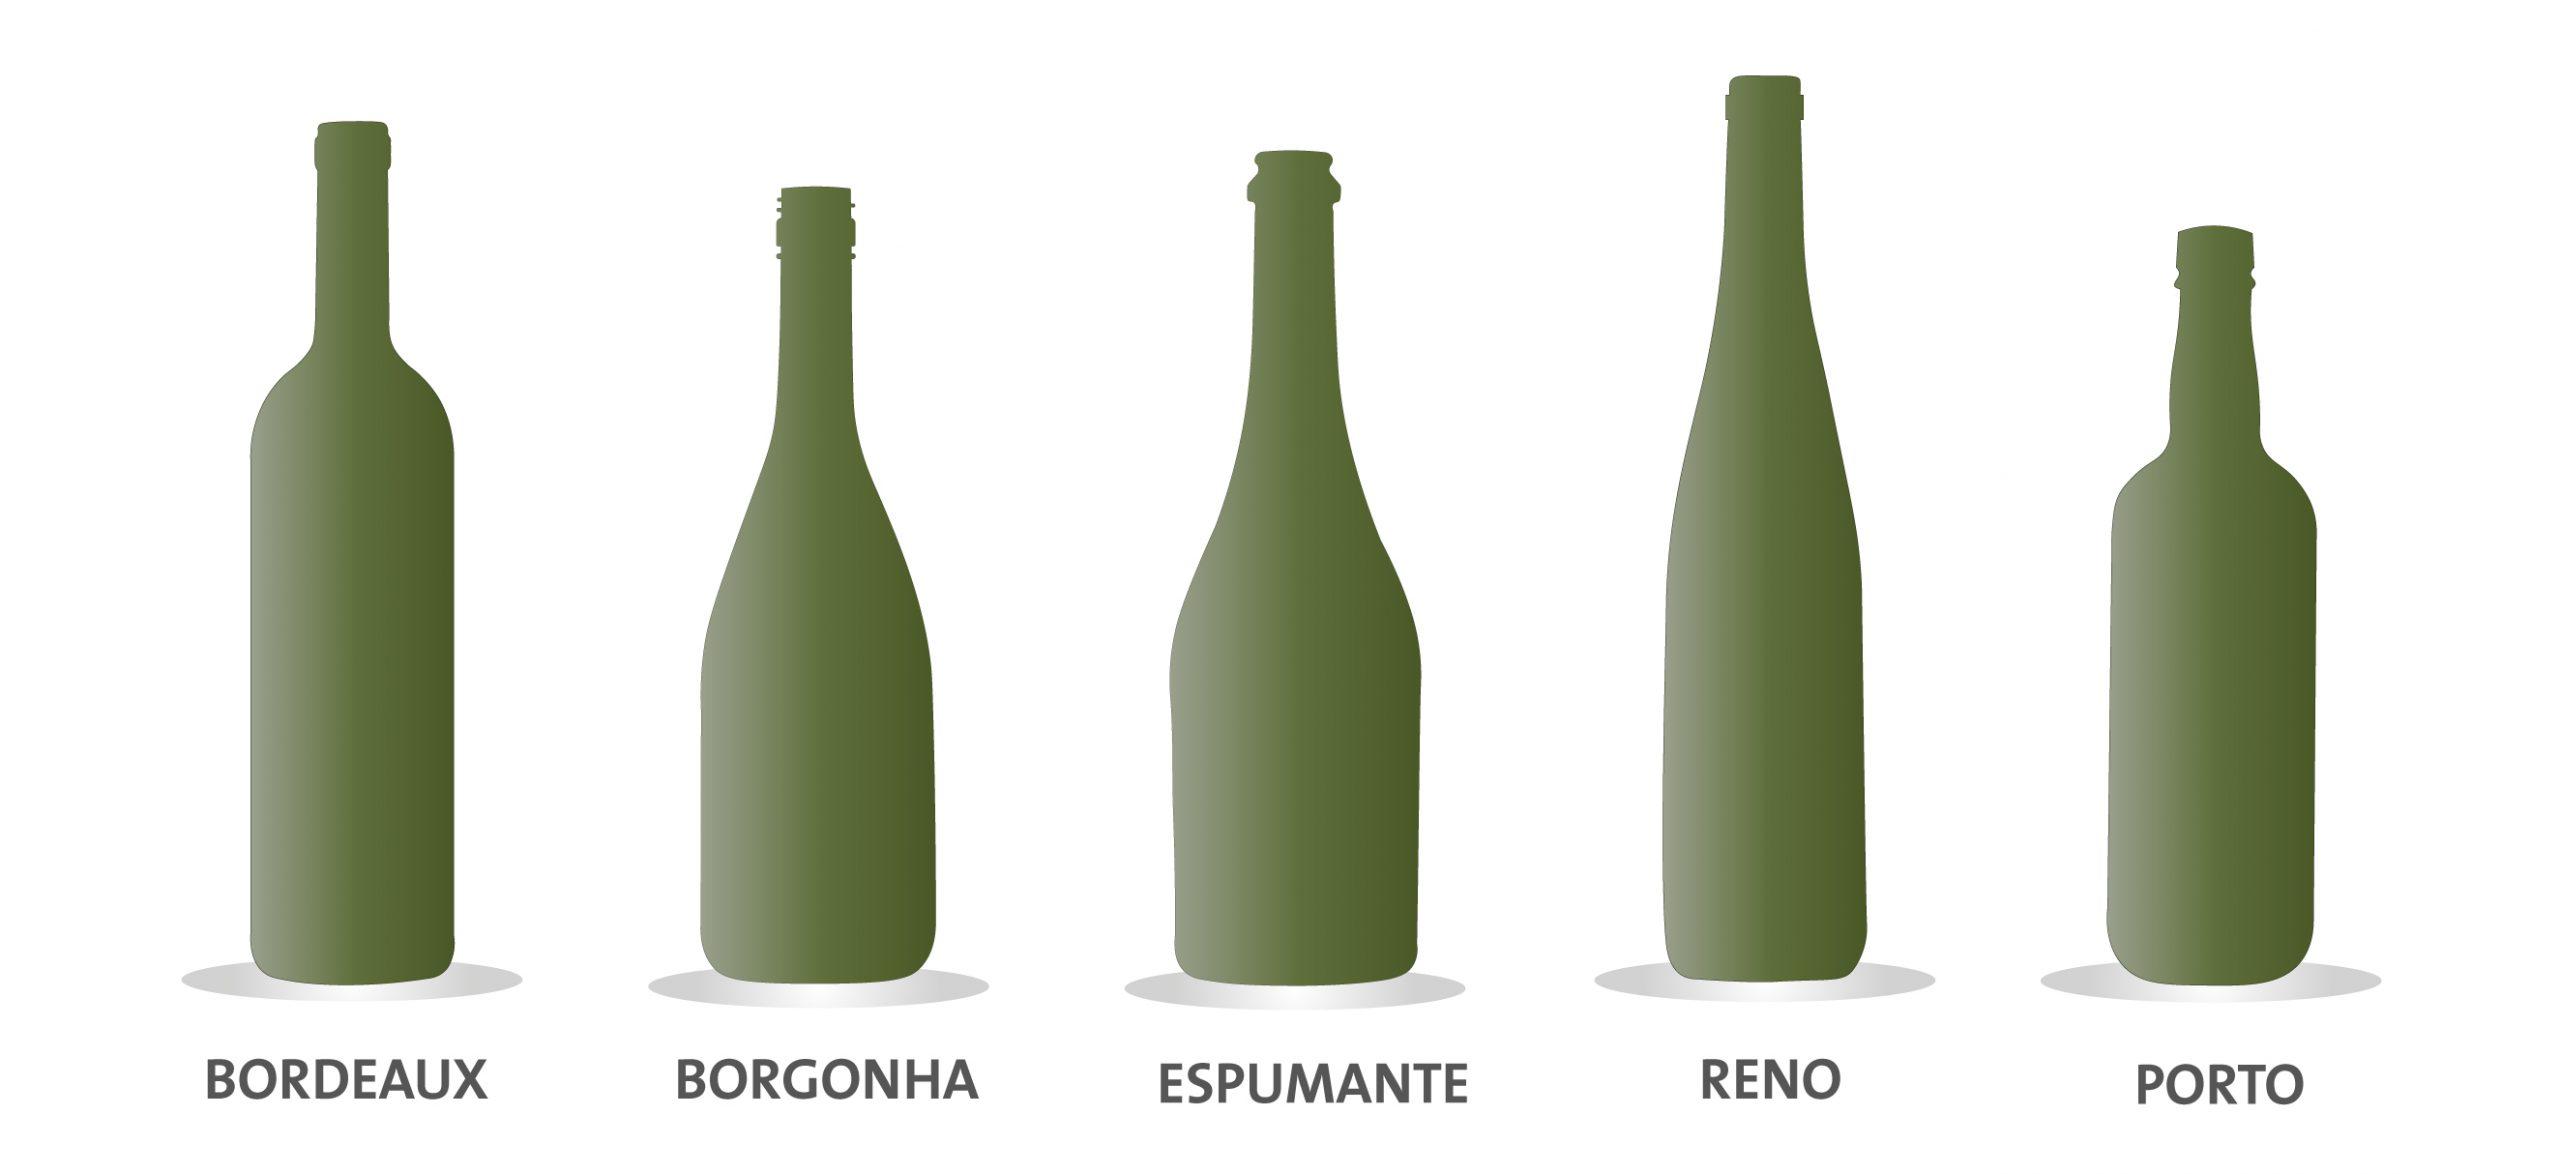 Conheça os tipos de garrafas para vinhos e espumantes